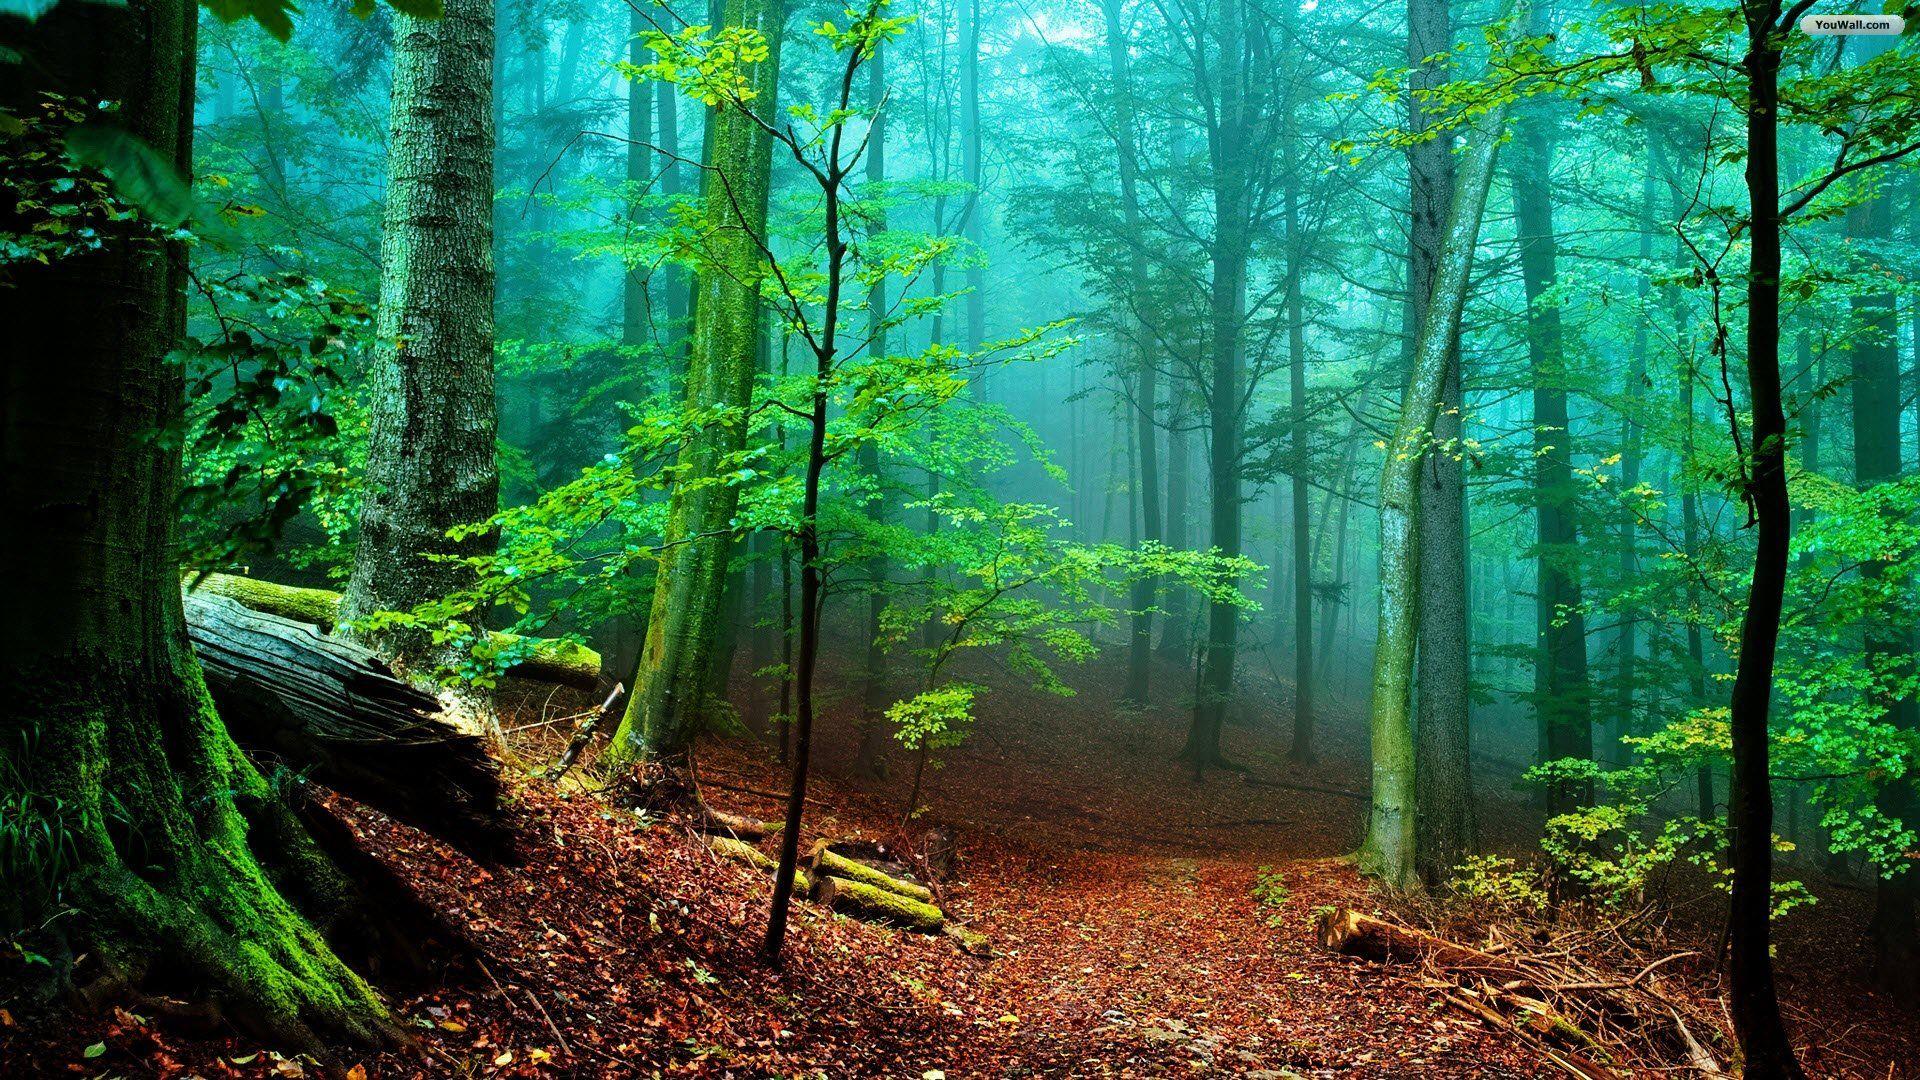 Beautiful Forest HD Wallpaper Widescreen